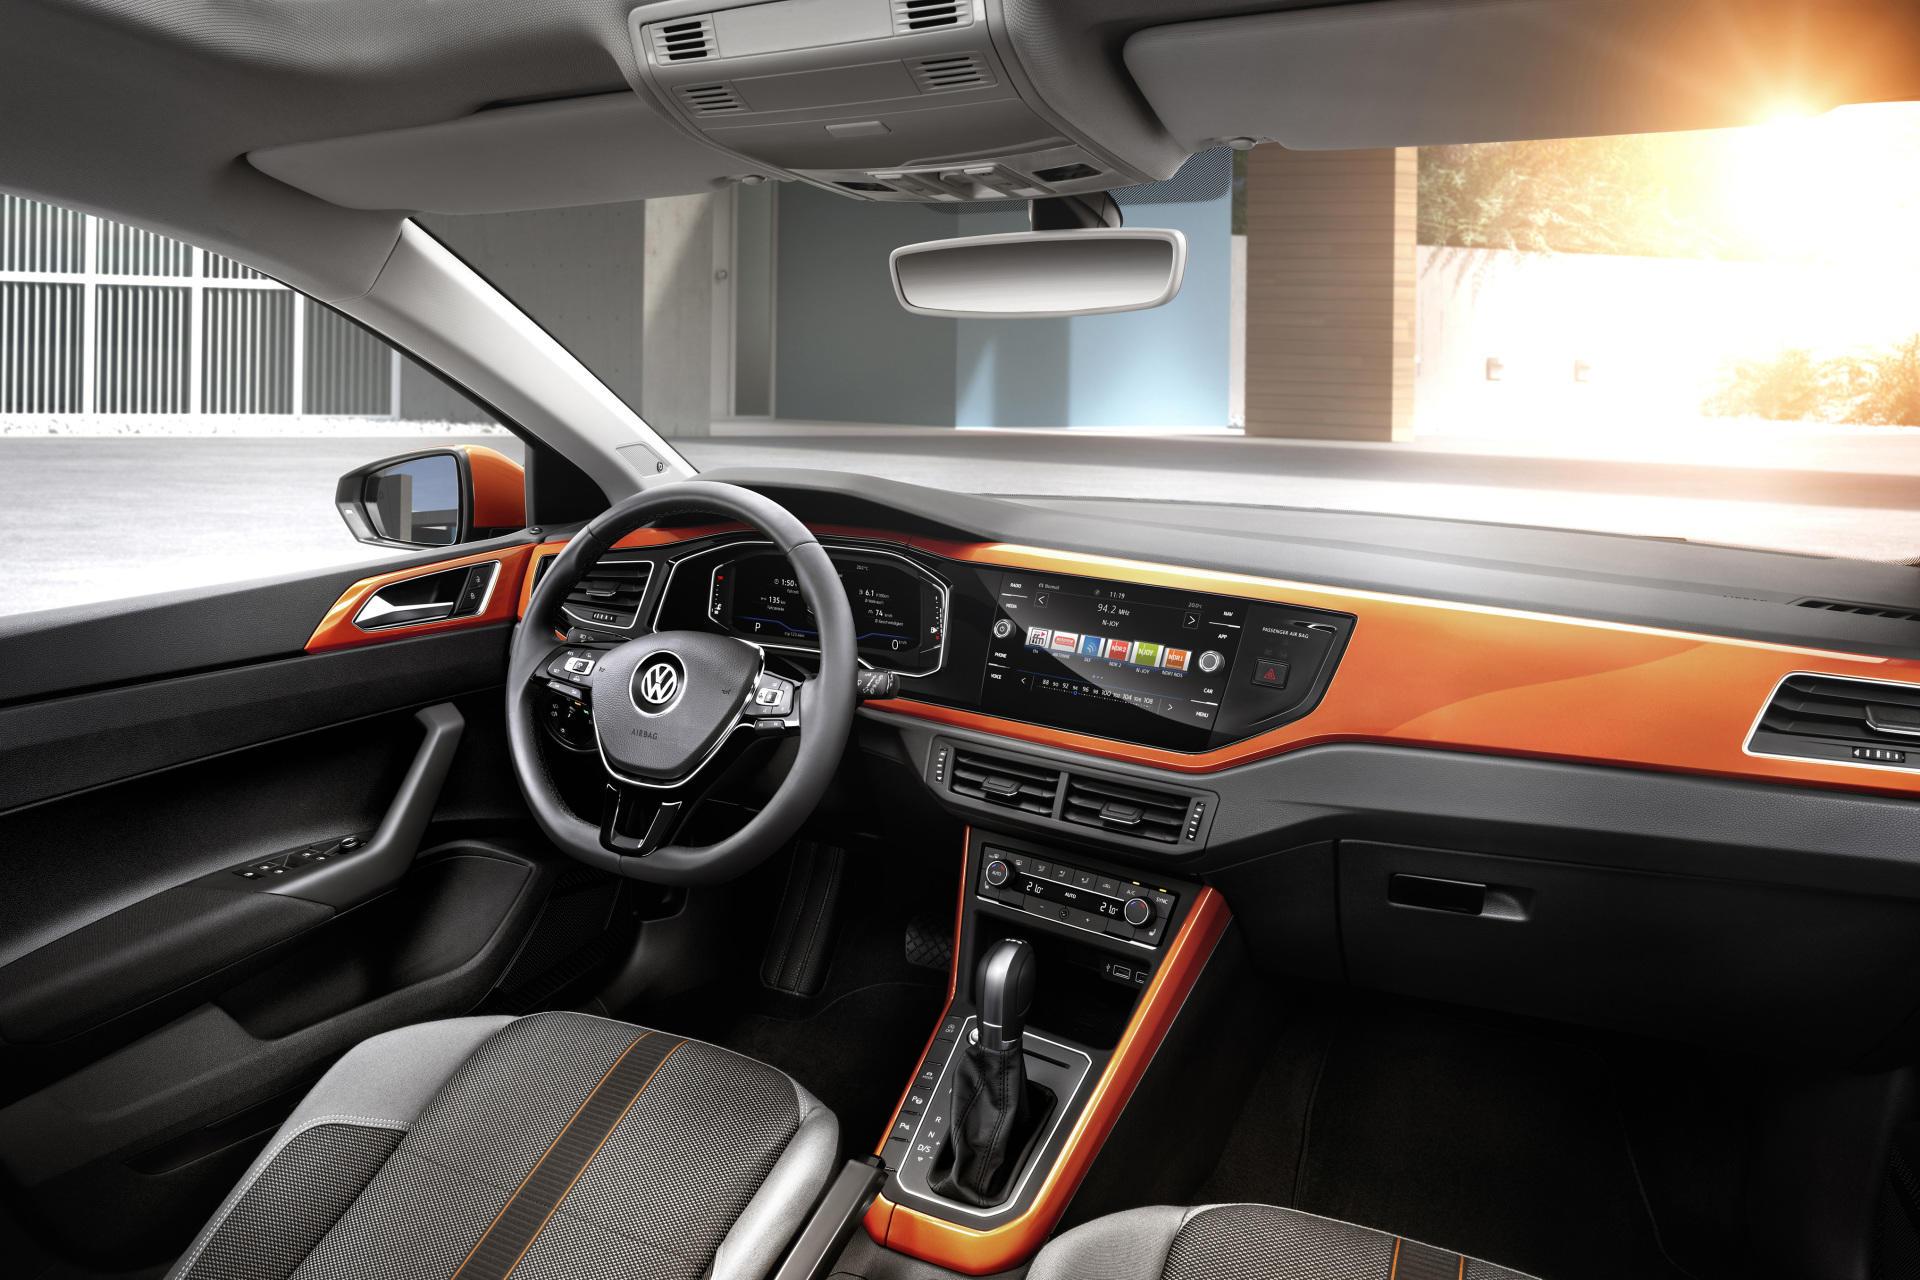 Llegan los motores diésel 1.6 TDI al Volkswagen Polo: Estos son sus precios